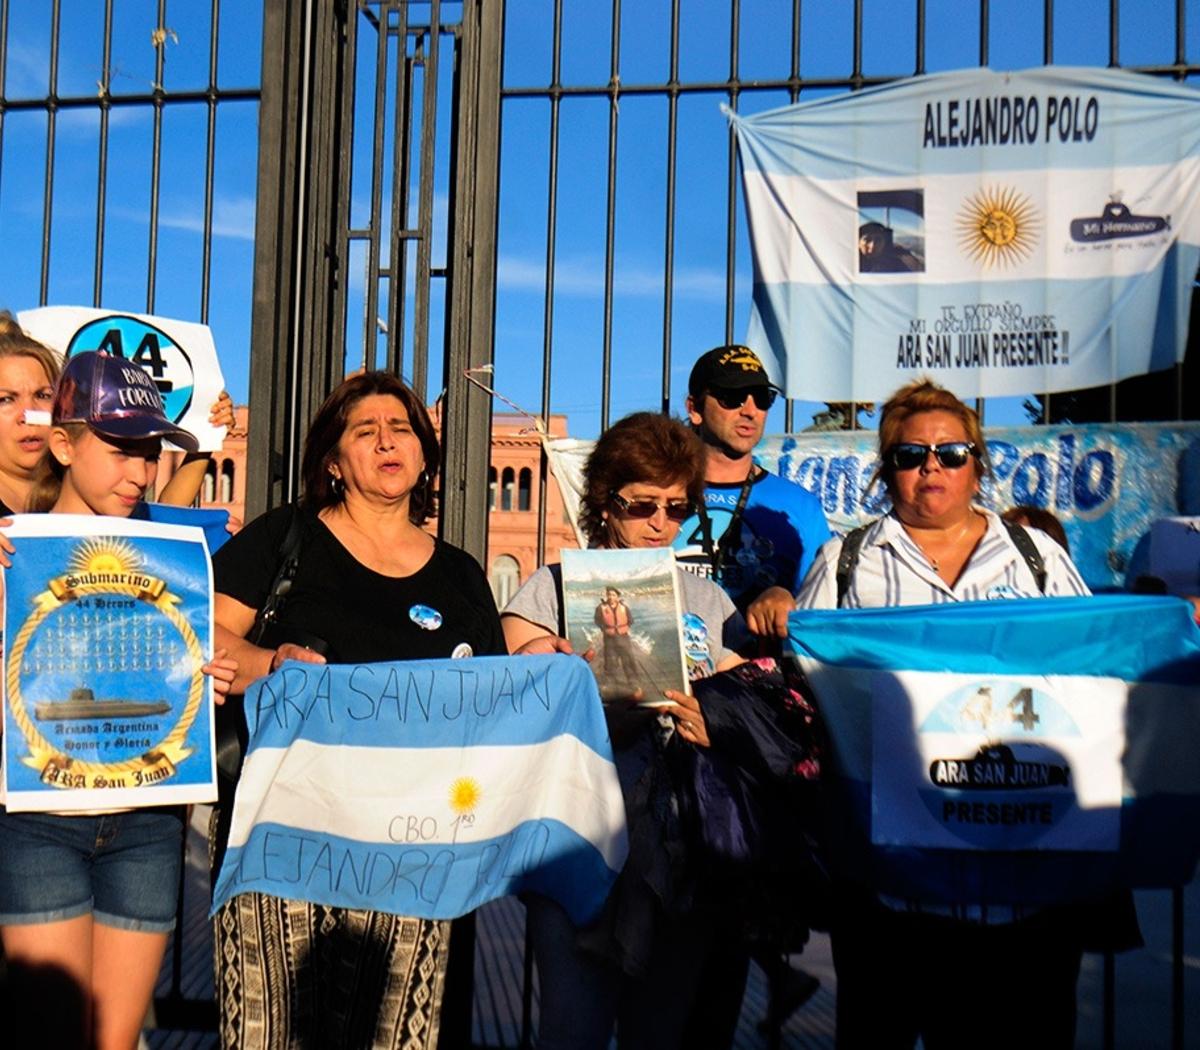 ARA San Juan: Consejo de Guerra por las muertes de ... | Página12